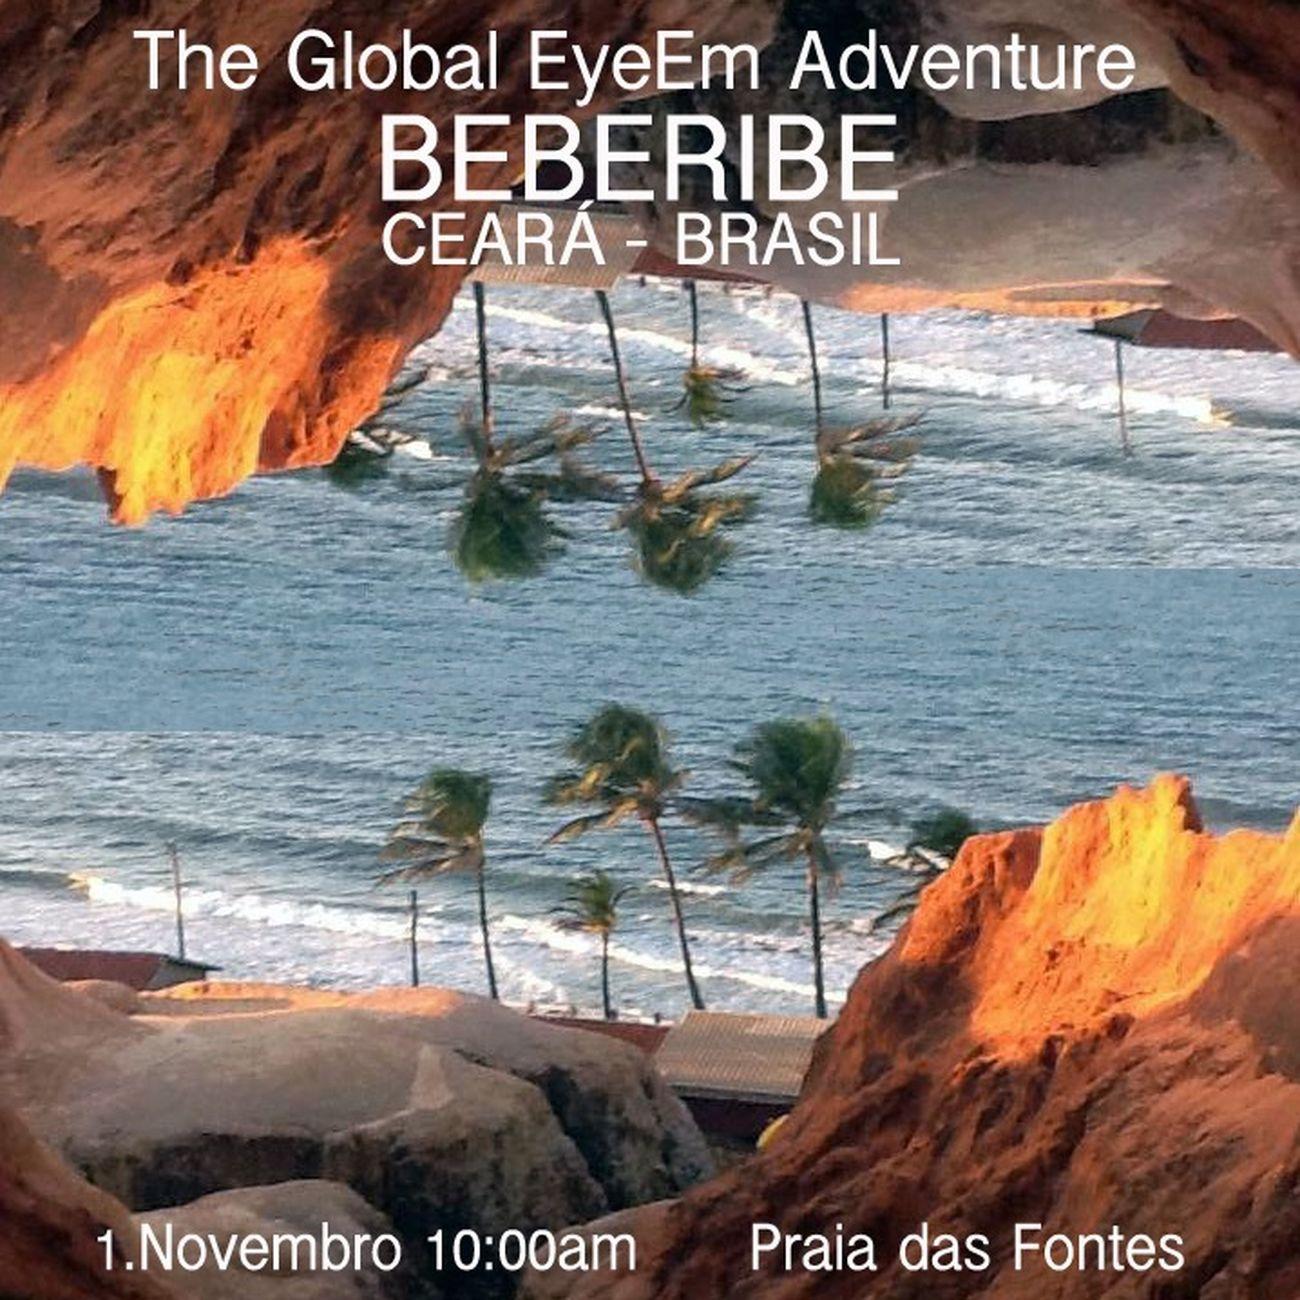 Beberibe ..Vamos mostrar pro mundo esta beleza do Ceará .. Globaleyeemadventure Brasil